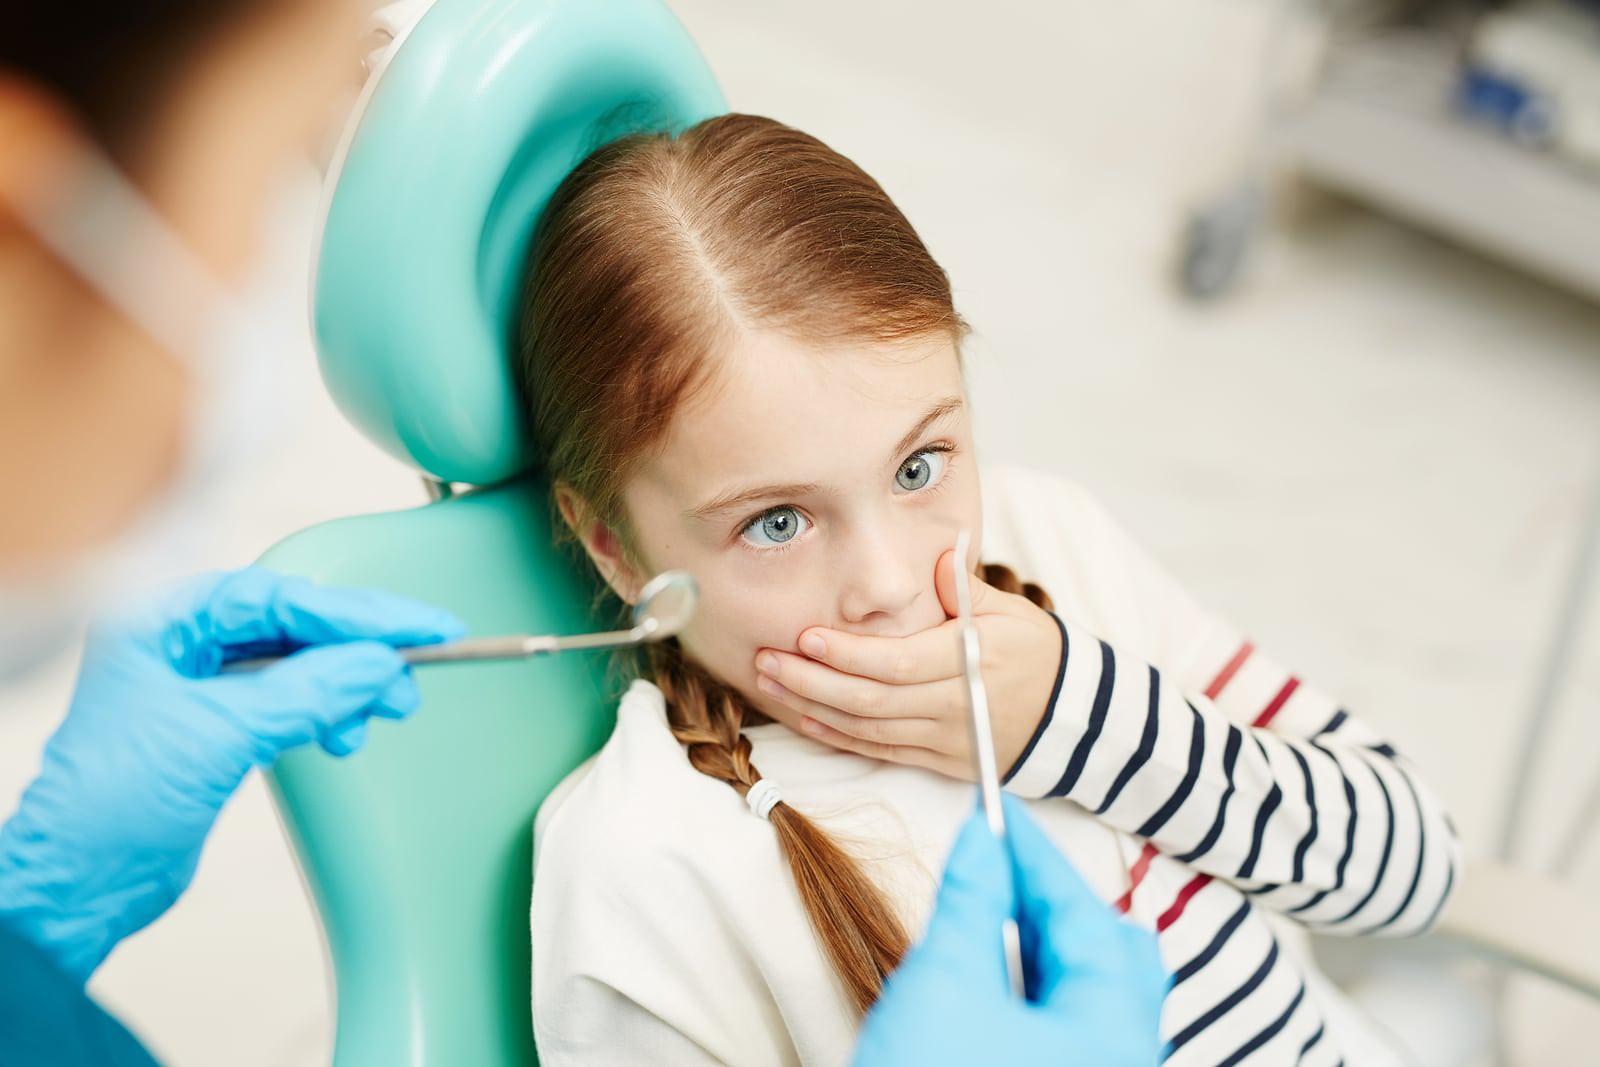 آیا مراجعه به دندانپزشک باعث اضطراب شما می شود؟